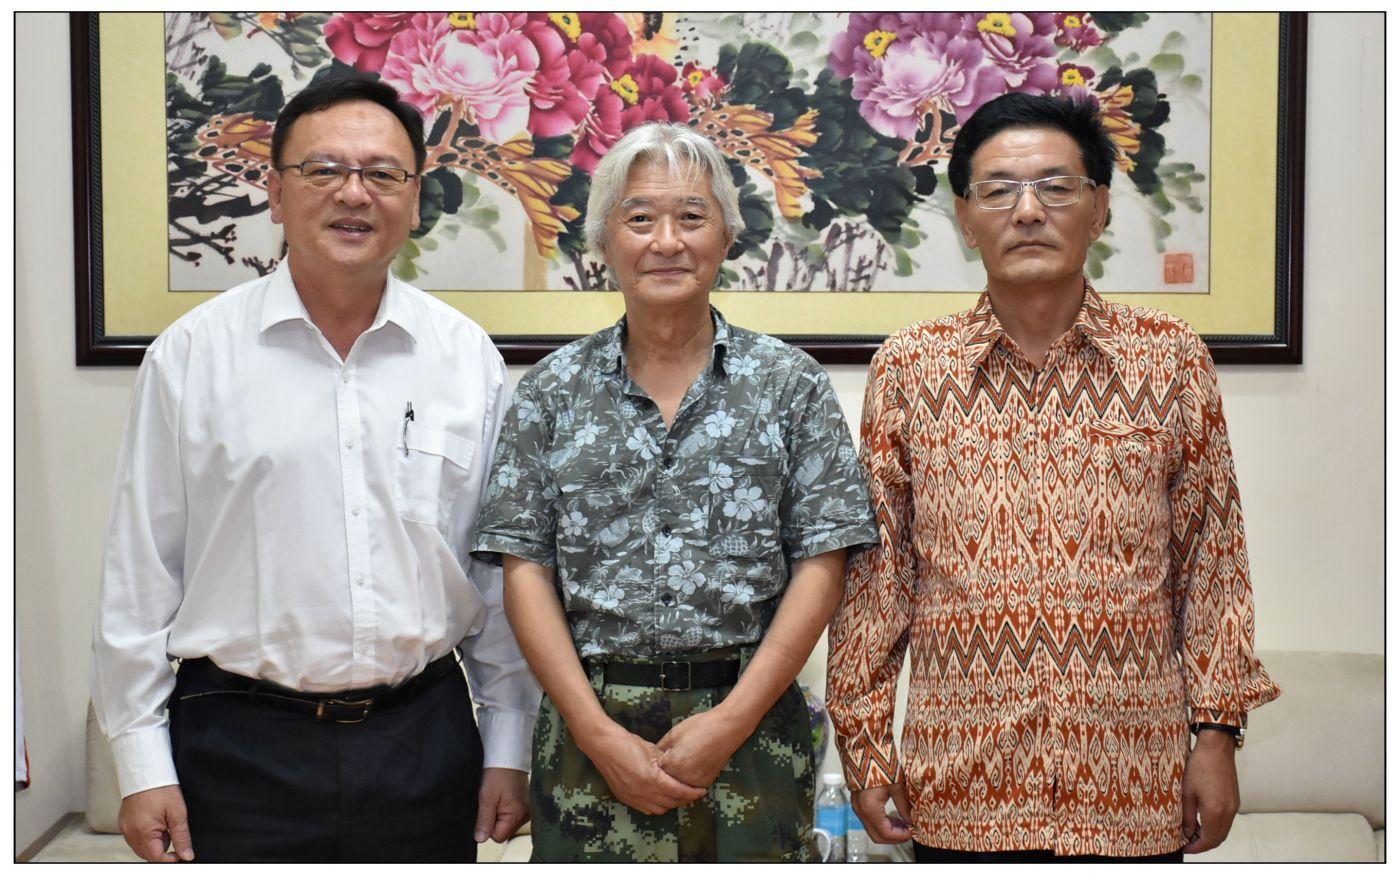 牛志高马来西亚画展掠影2019.10.01_图1-17